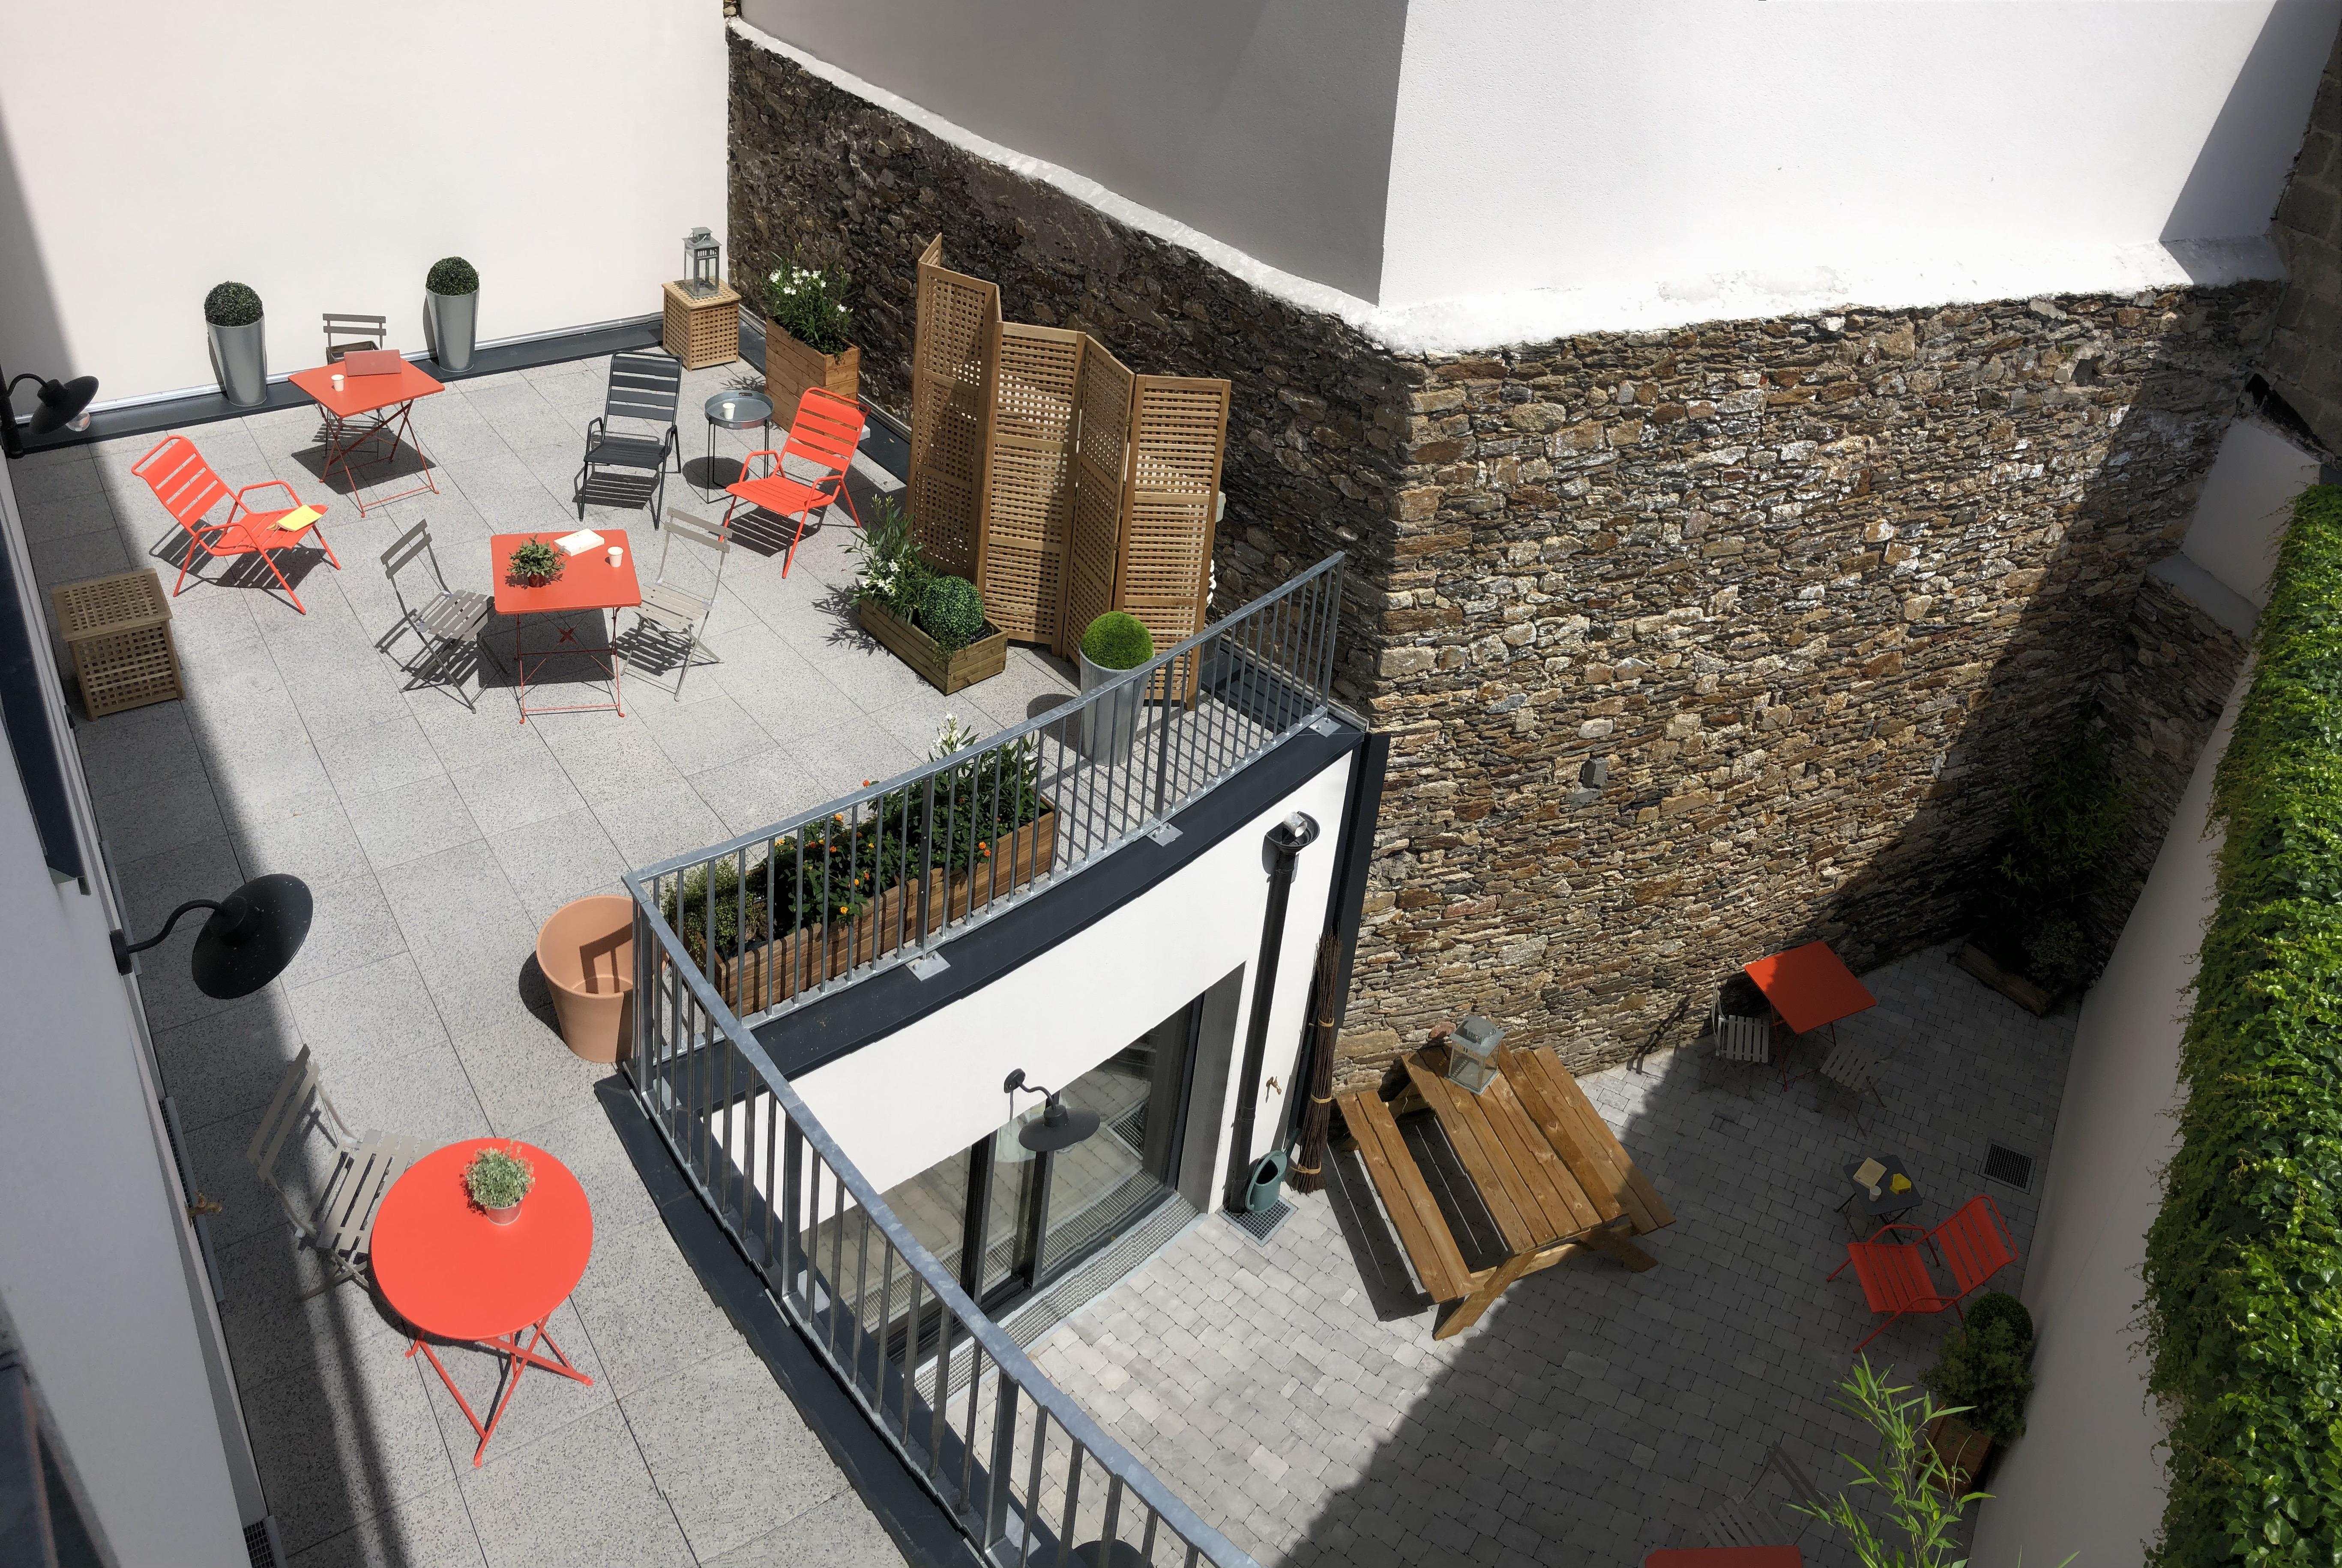 Le coworking Lecorner dispose d'une terrasse végétalisée ainsi que d'un patio orientés plein Sud accessibles à tous les coworkers pour travailler, se détendre ou prendre les repas